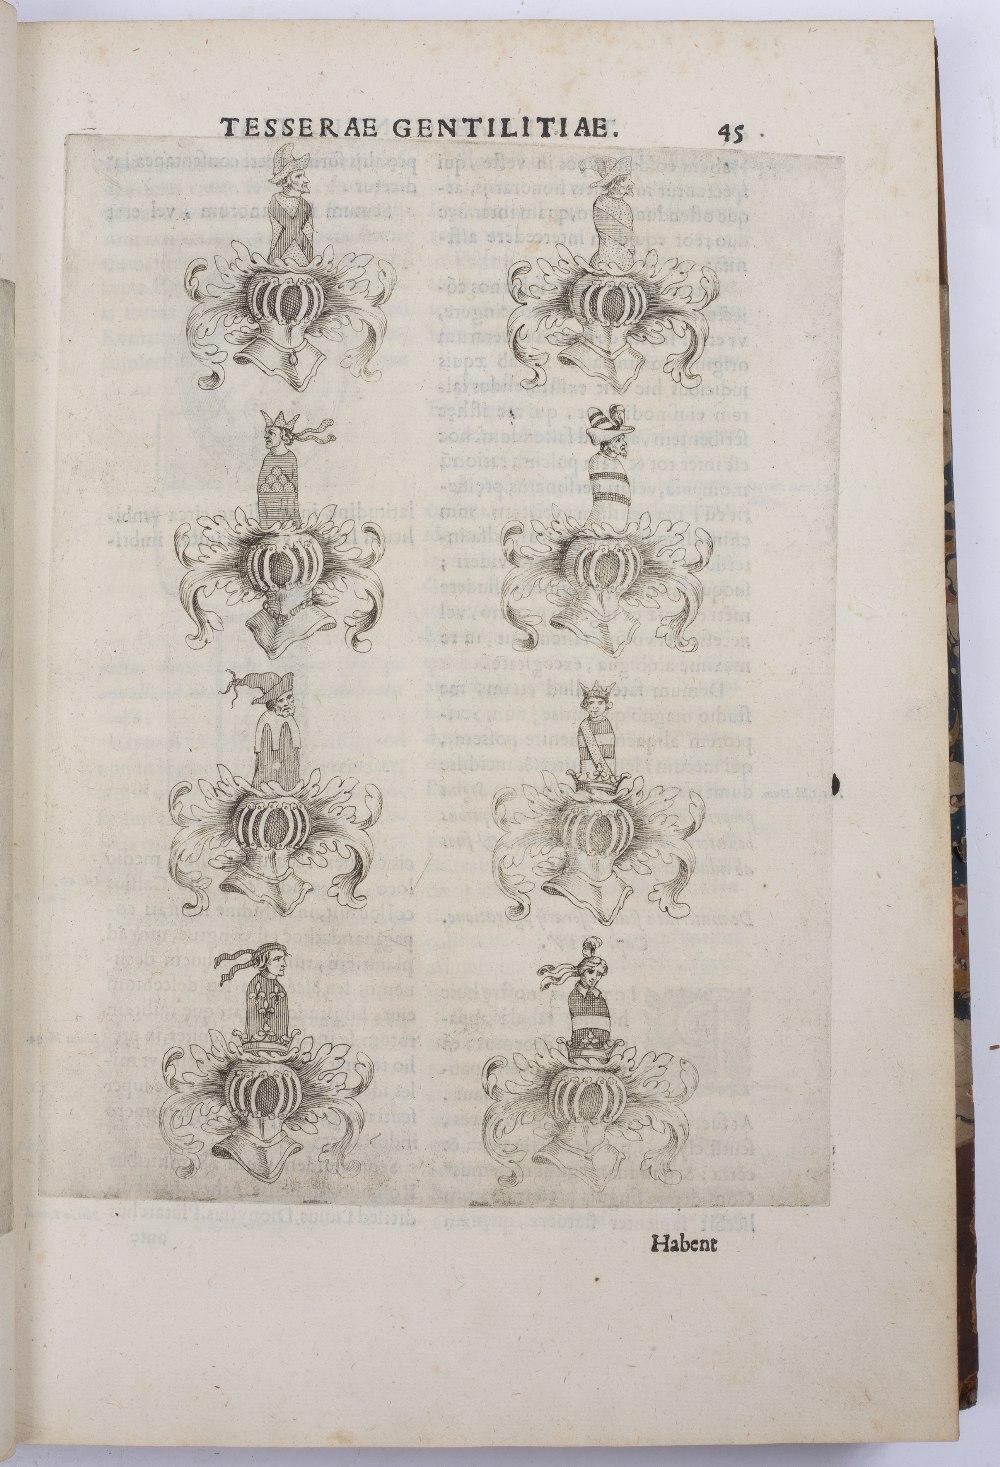 PETRA SANCTA, Silvestro, Tesserae Gentilitae, Rome, Francisci Corbelletti 1638 with title page - Image 3 of 3